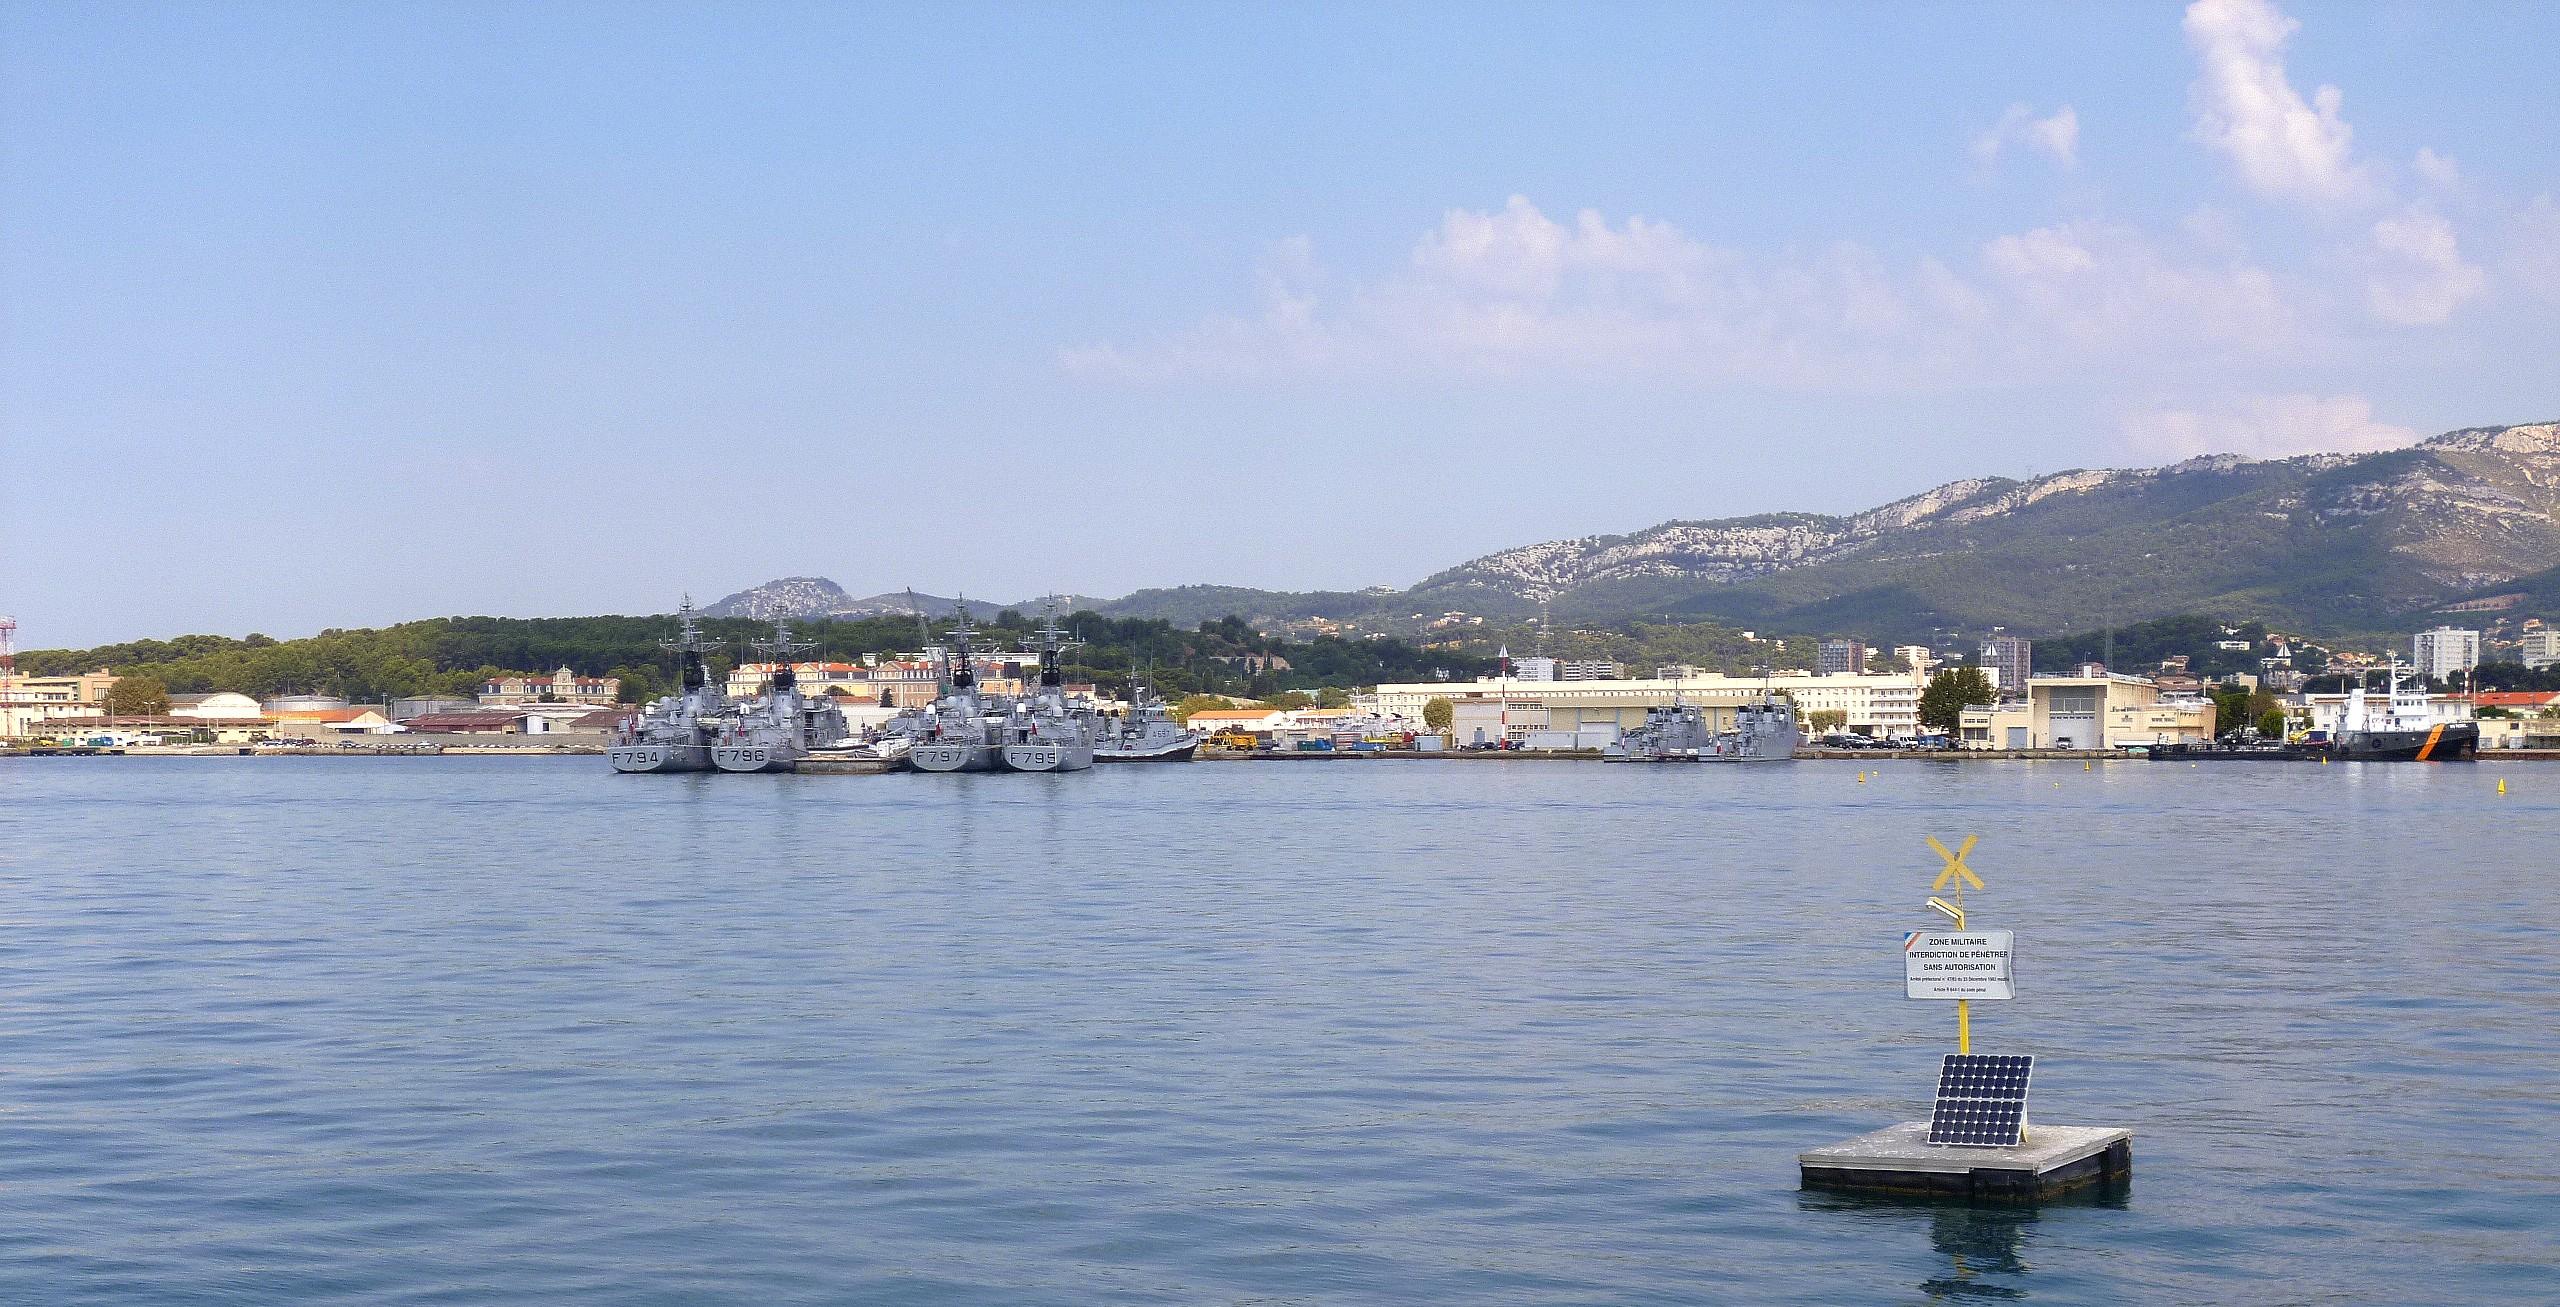 Les news en images du port de TOULON - Page 36 9562313651_9bcbcf4c4c_o